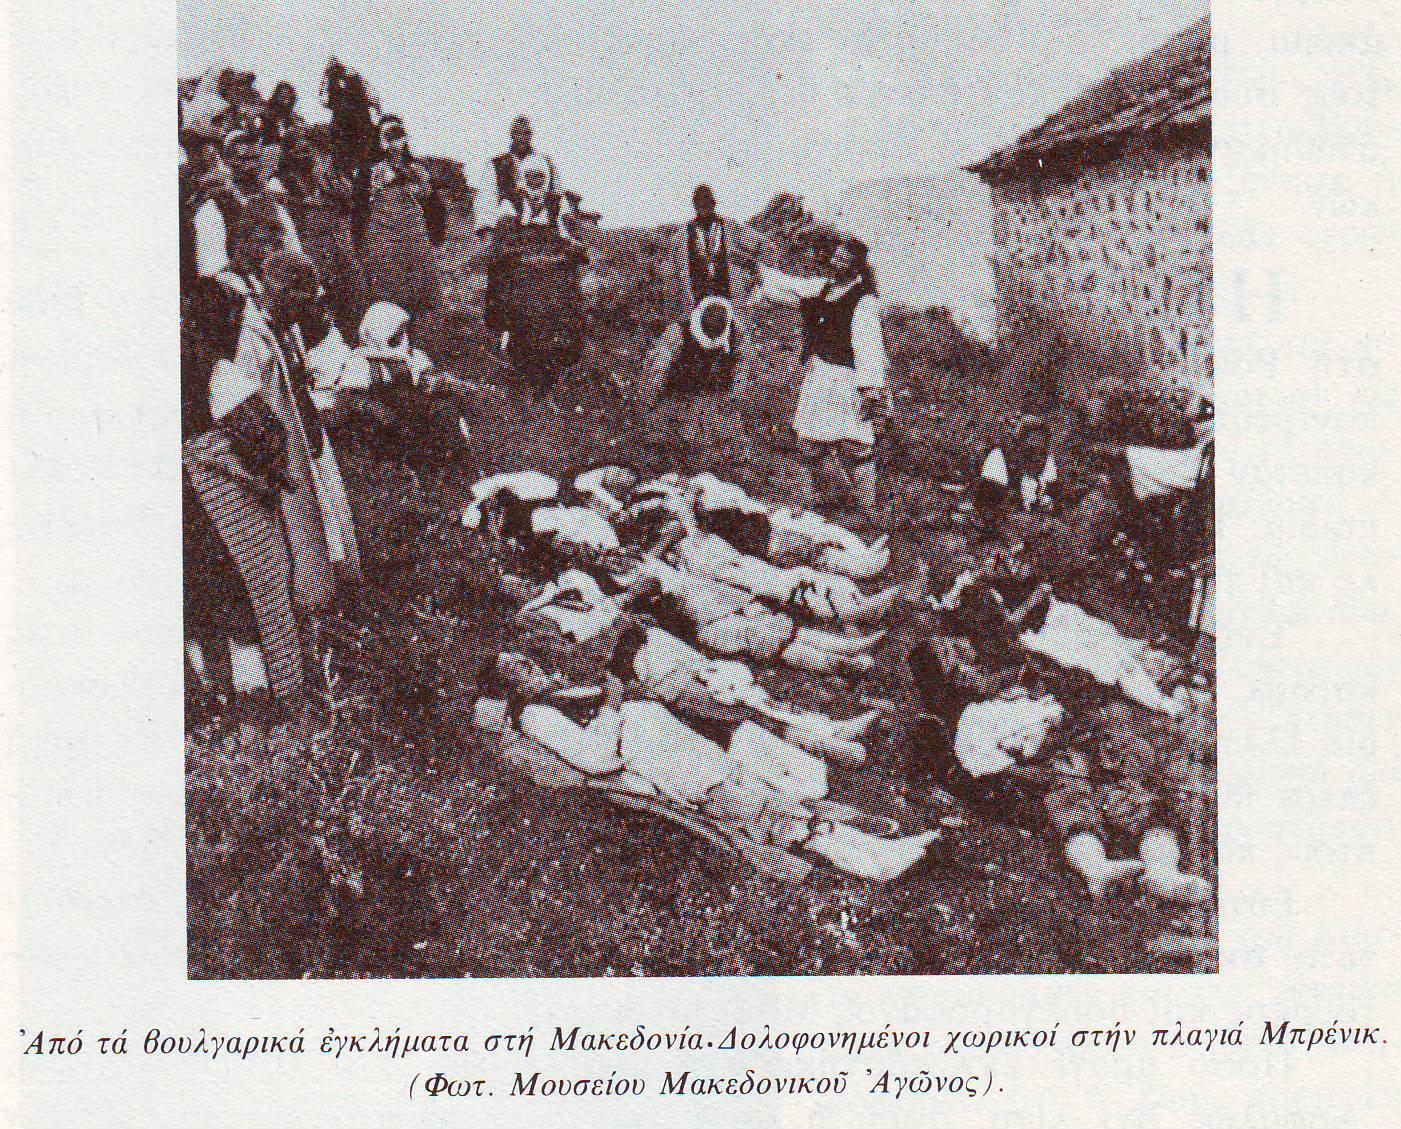 Βουλγάρικα εγκλήματα - Μπρένικ